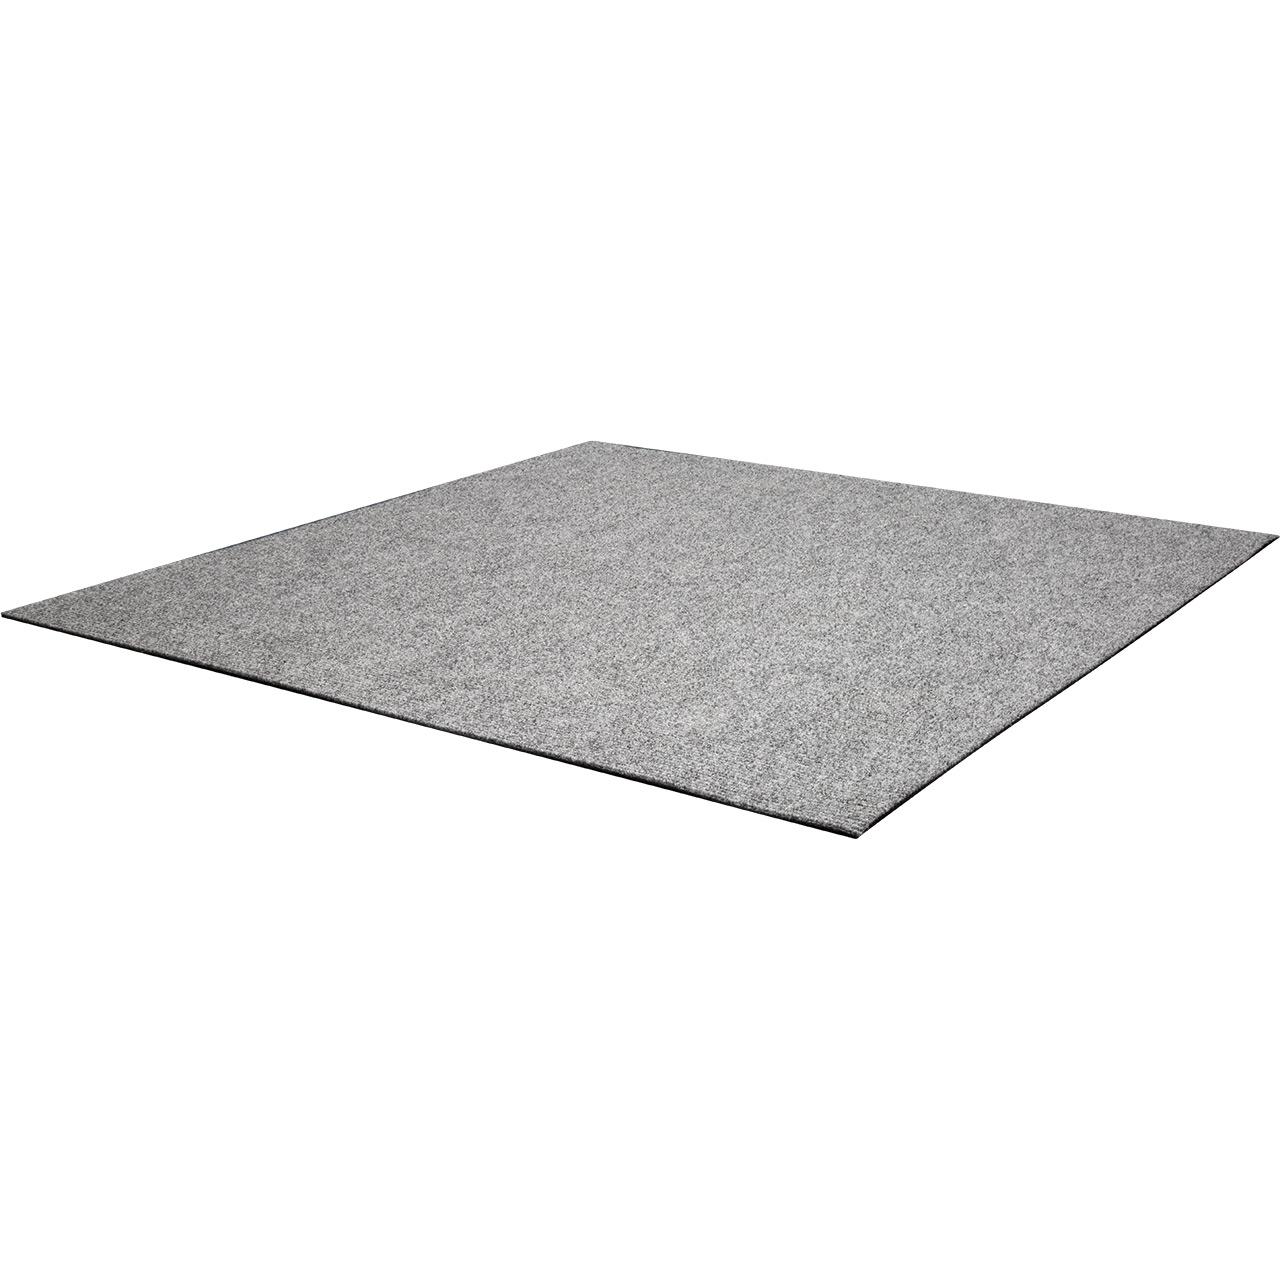 Hervorragend Teppichfliesen selbstliegend kaufen | 1qm Teppichplatten günstig VN61